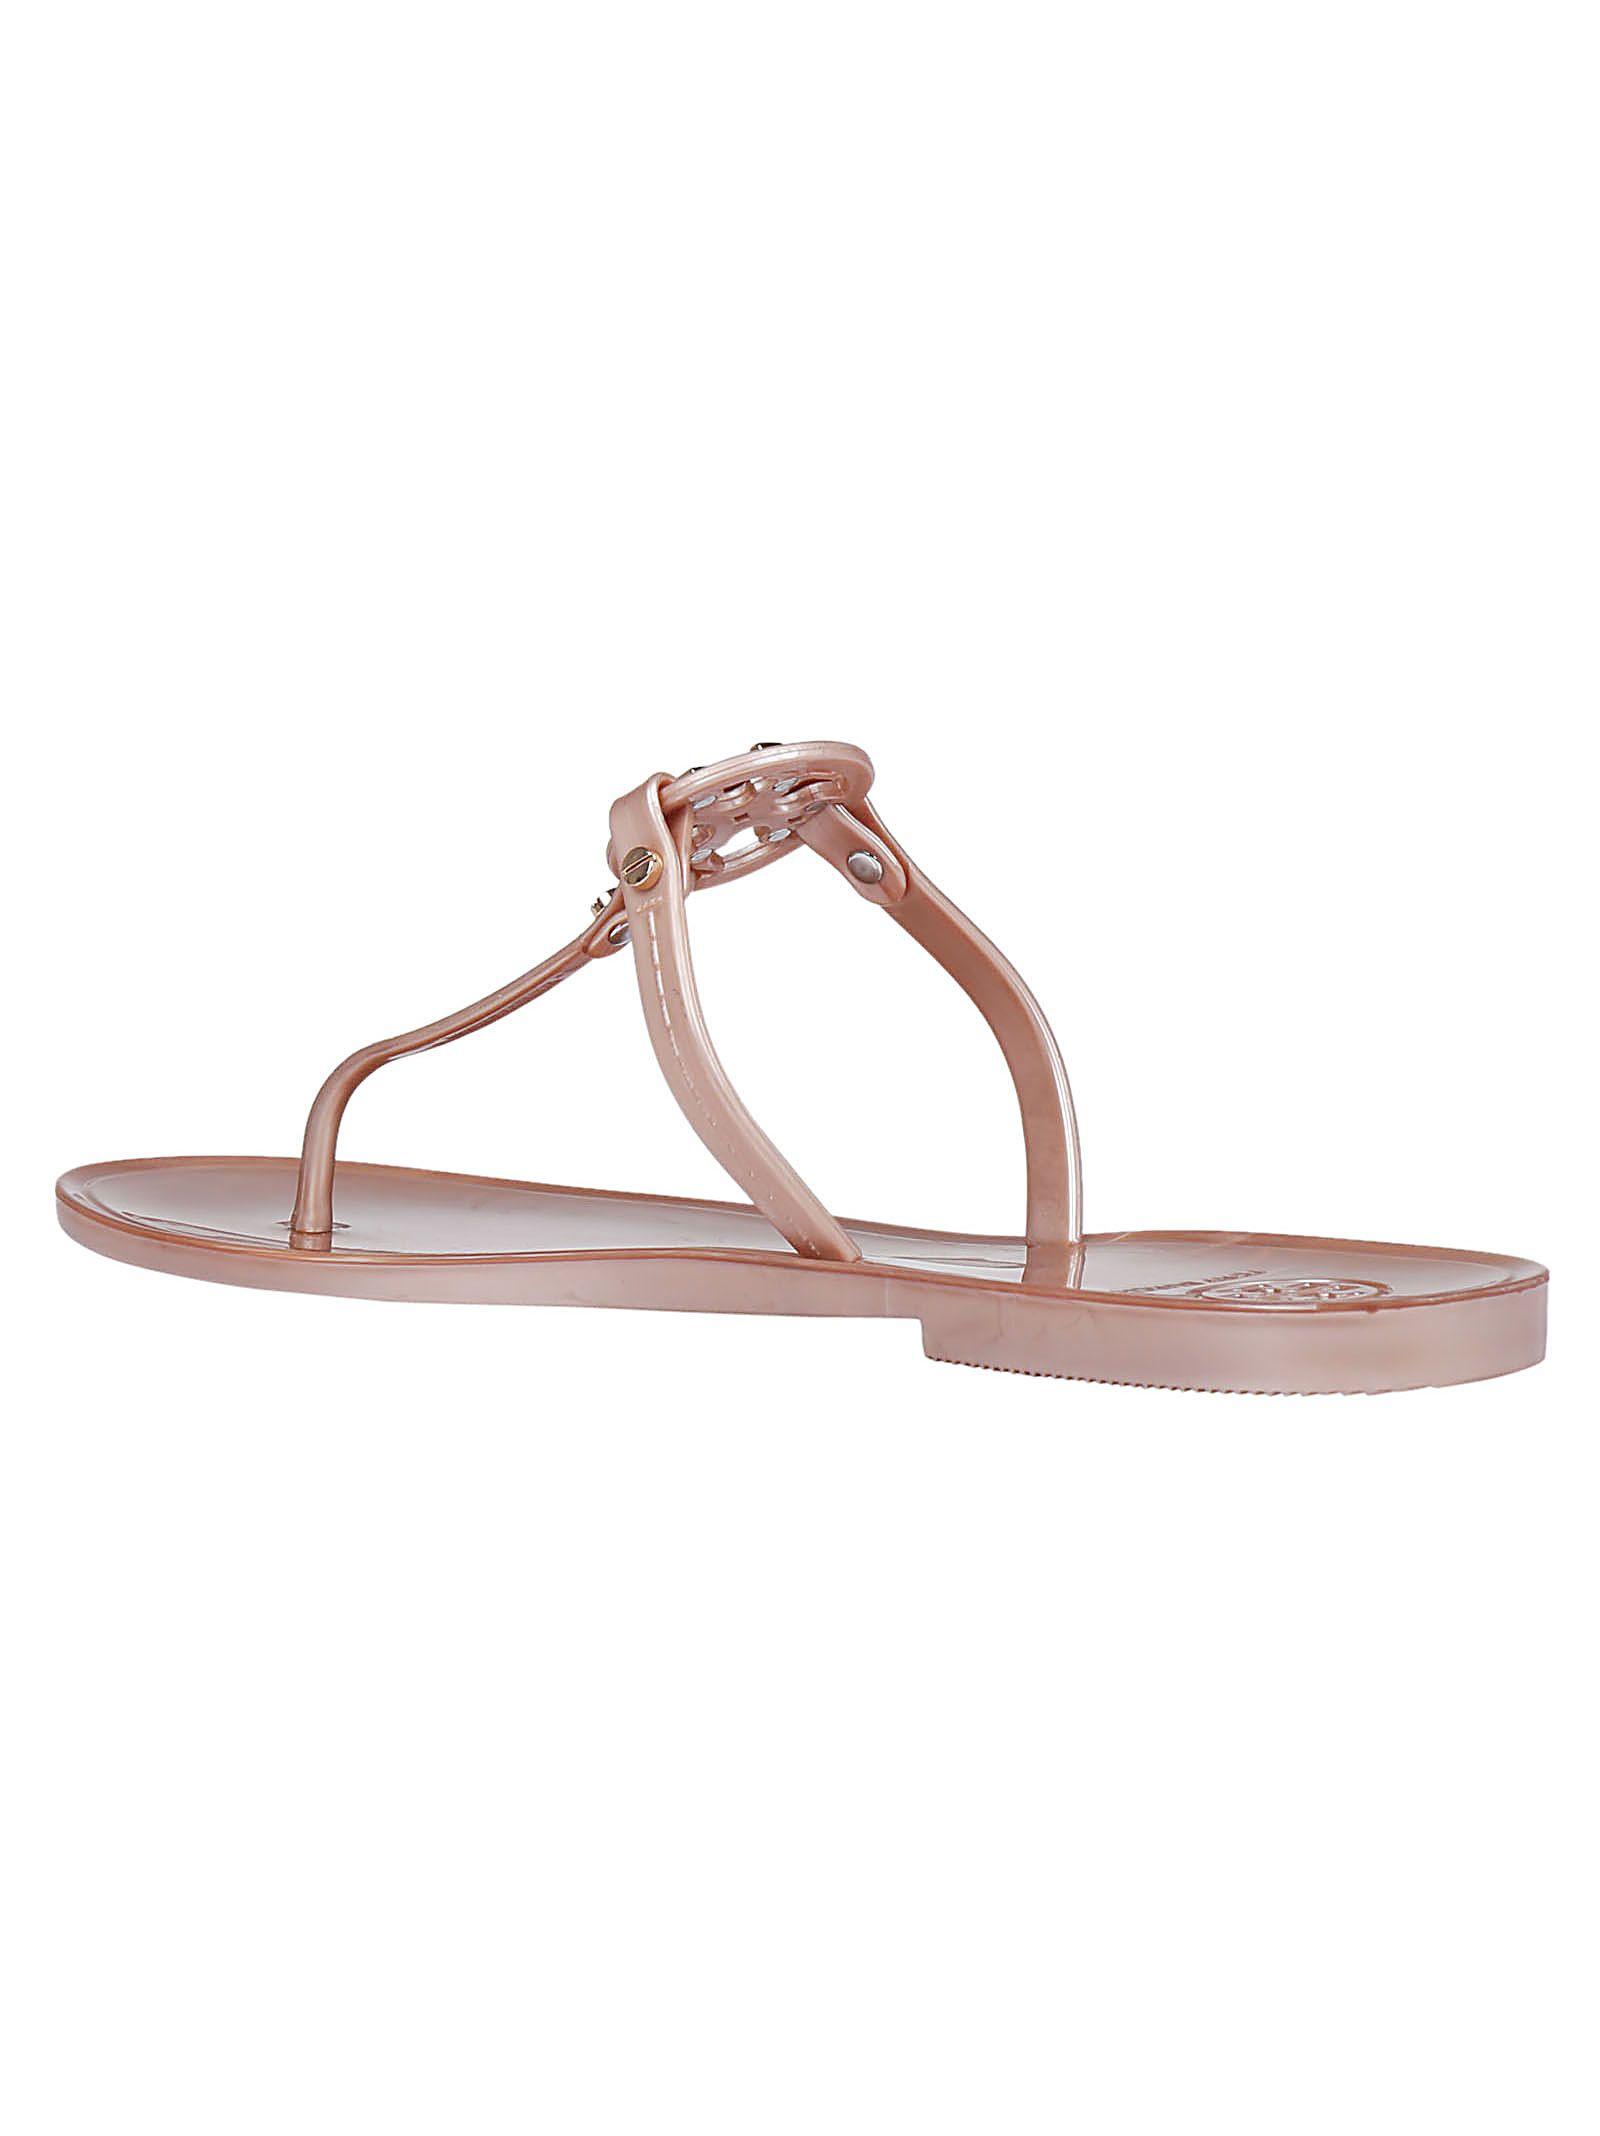 65669a90a Tory Burch Tory Burch Mini Miller Flat Sandals - Rose gold ...